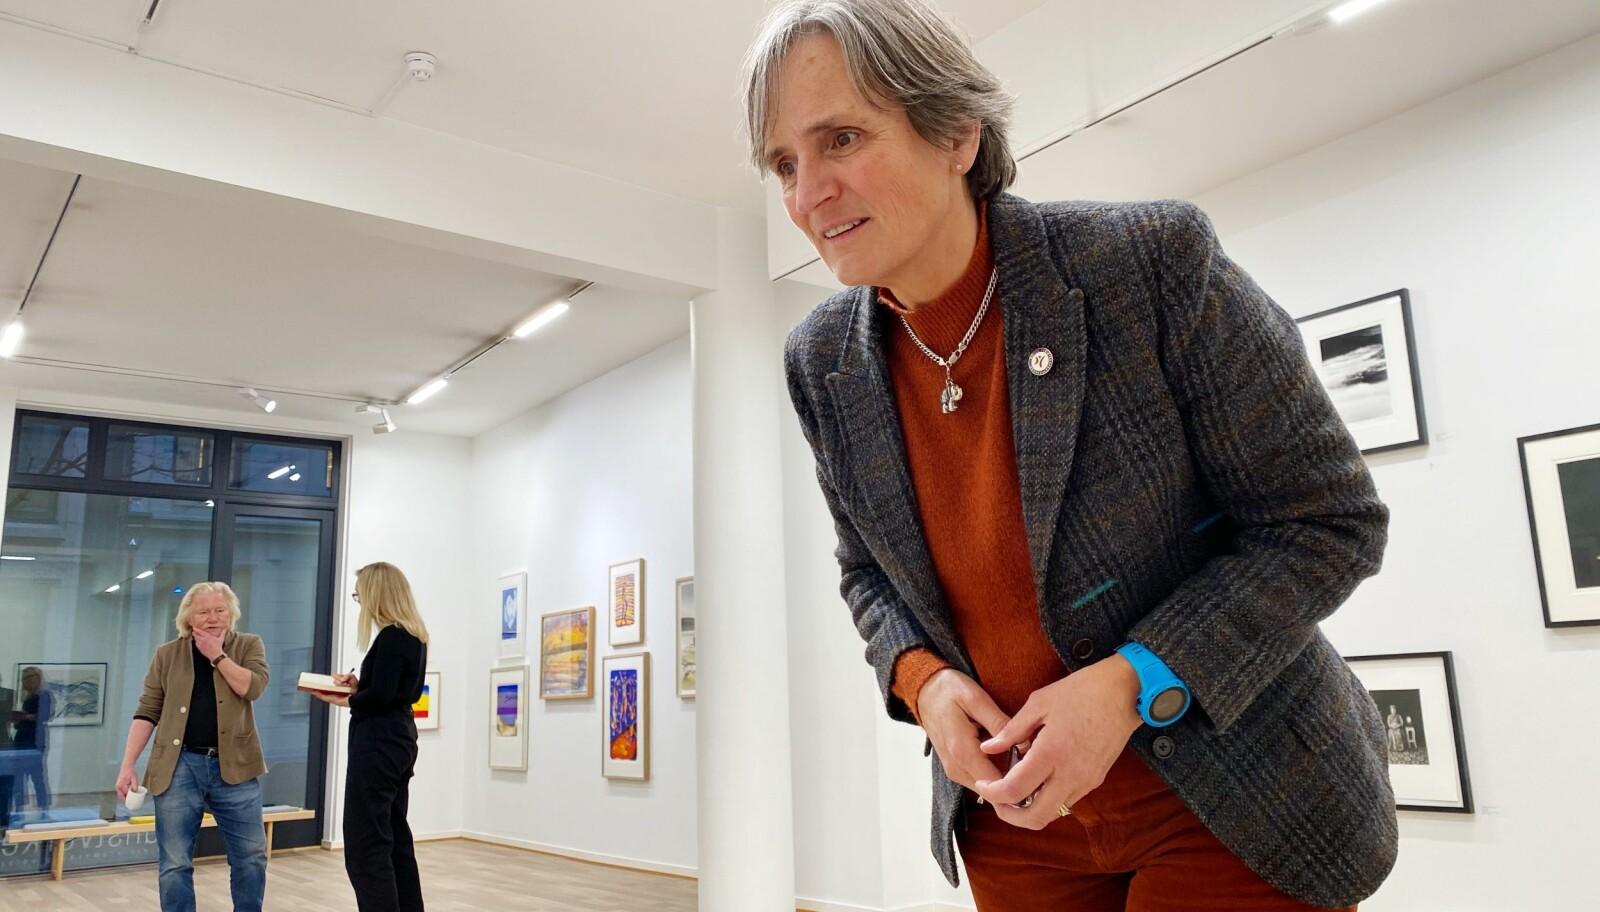 Gerty Lund og NFF har blitt mer synlige i 2020. Og da vi gjestet galleriet nesten vegg i vegg med NFFs kontorer, traff Gerty selveste Morten Krogvold (fotograf i bakgrunn).